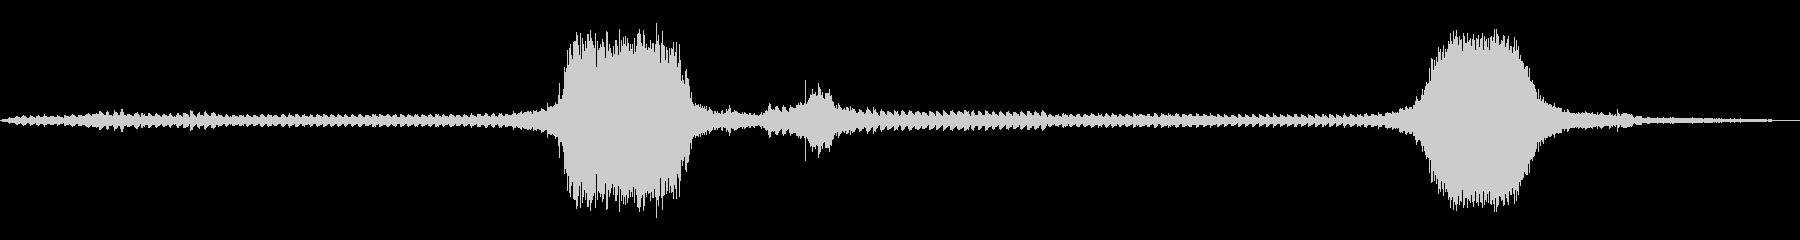 【環境音】踏切の音の未再生の波形